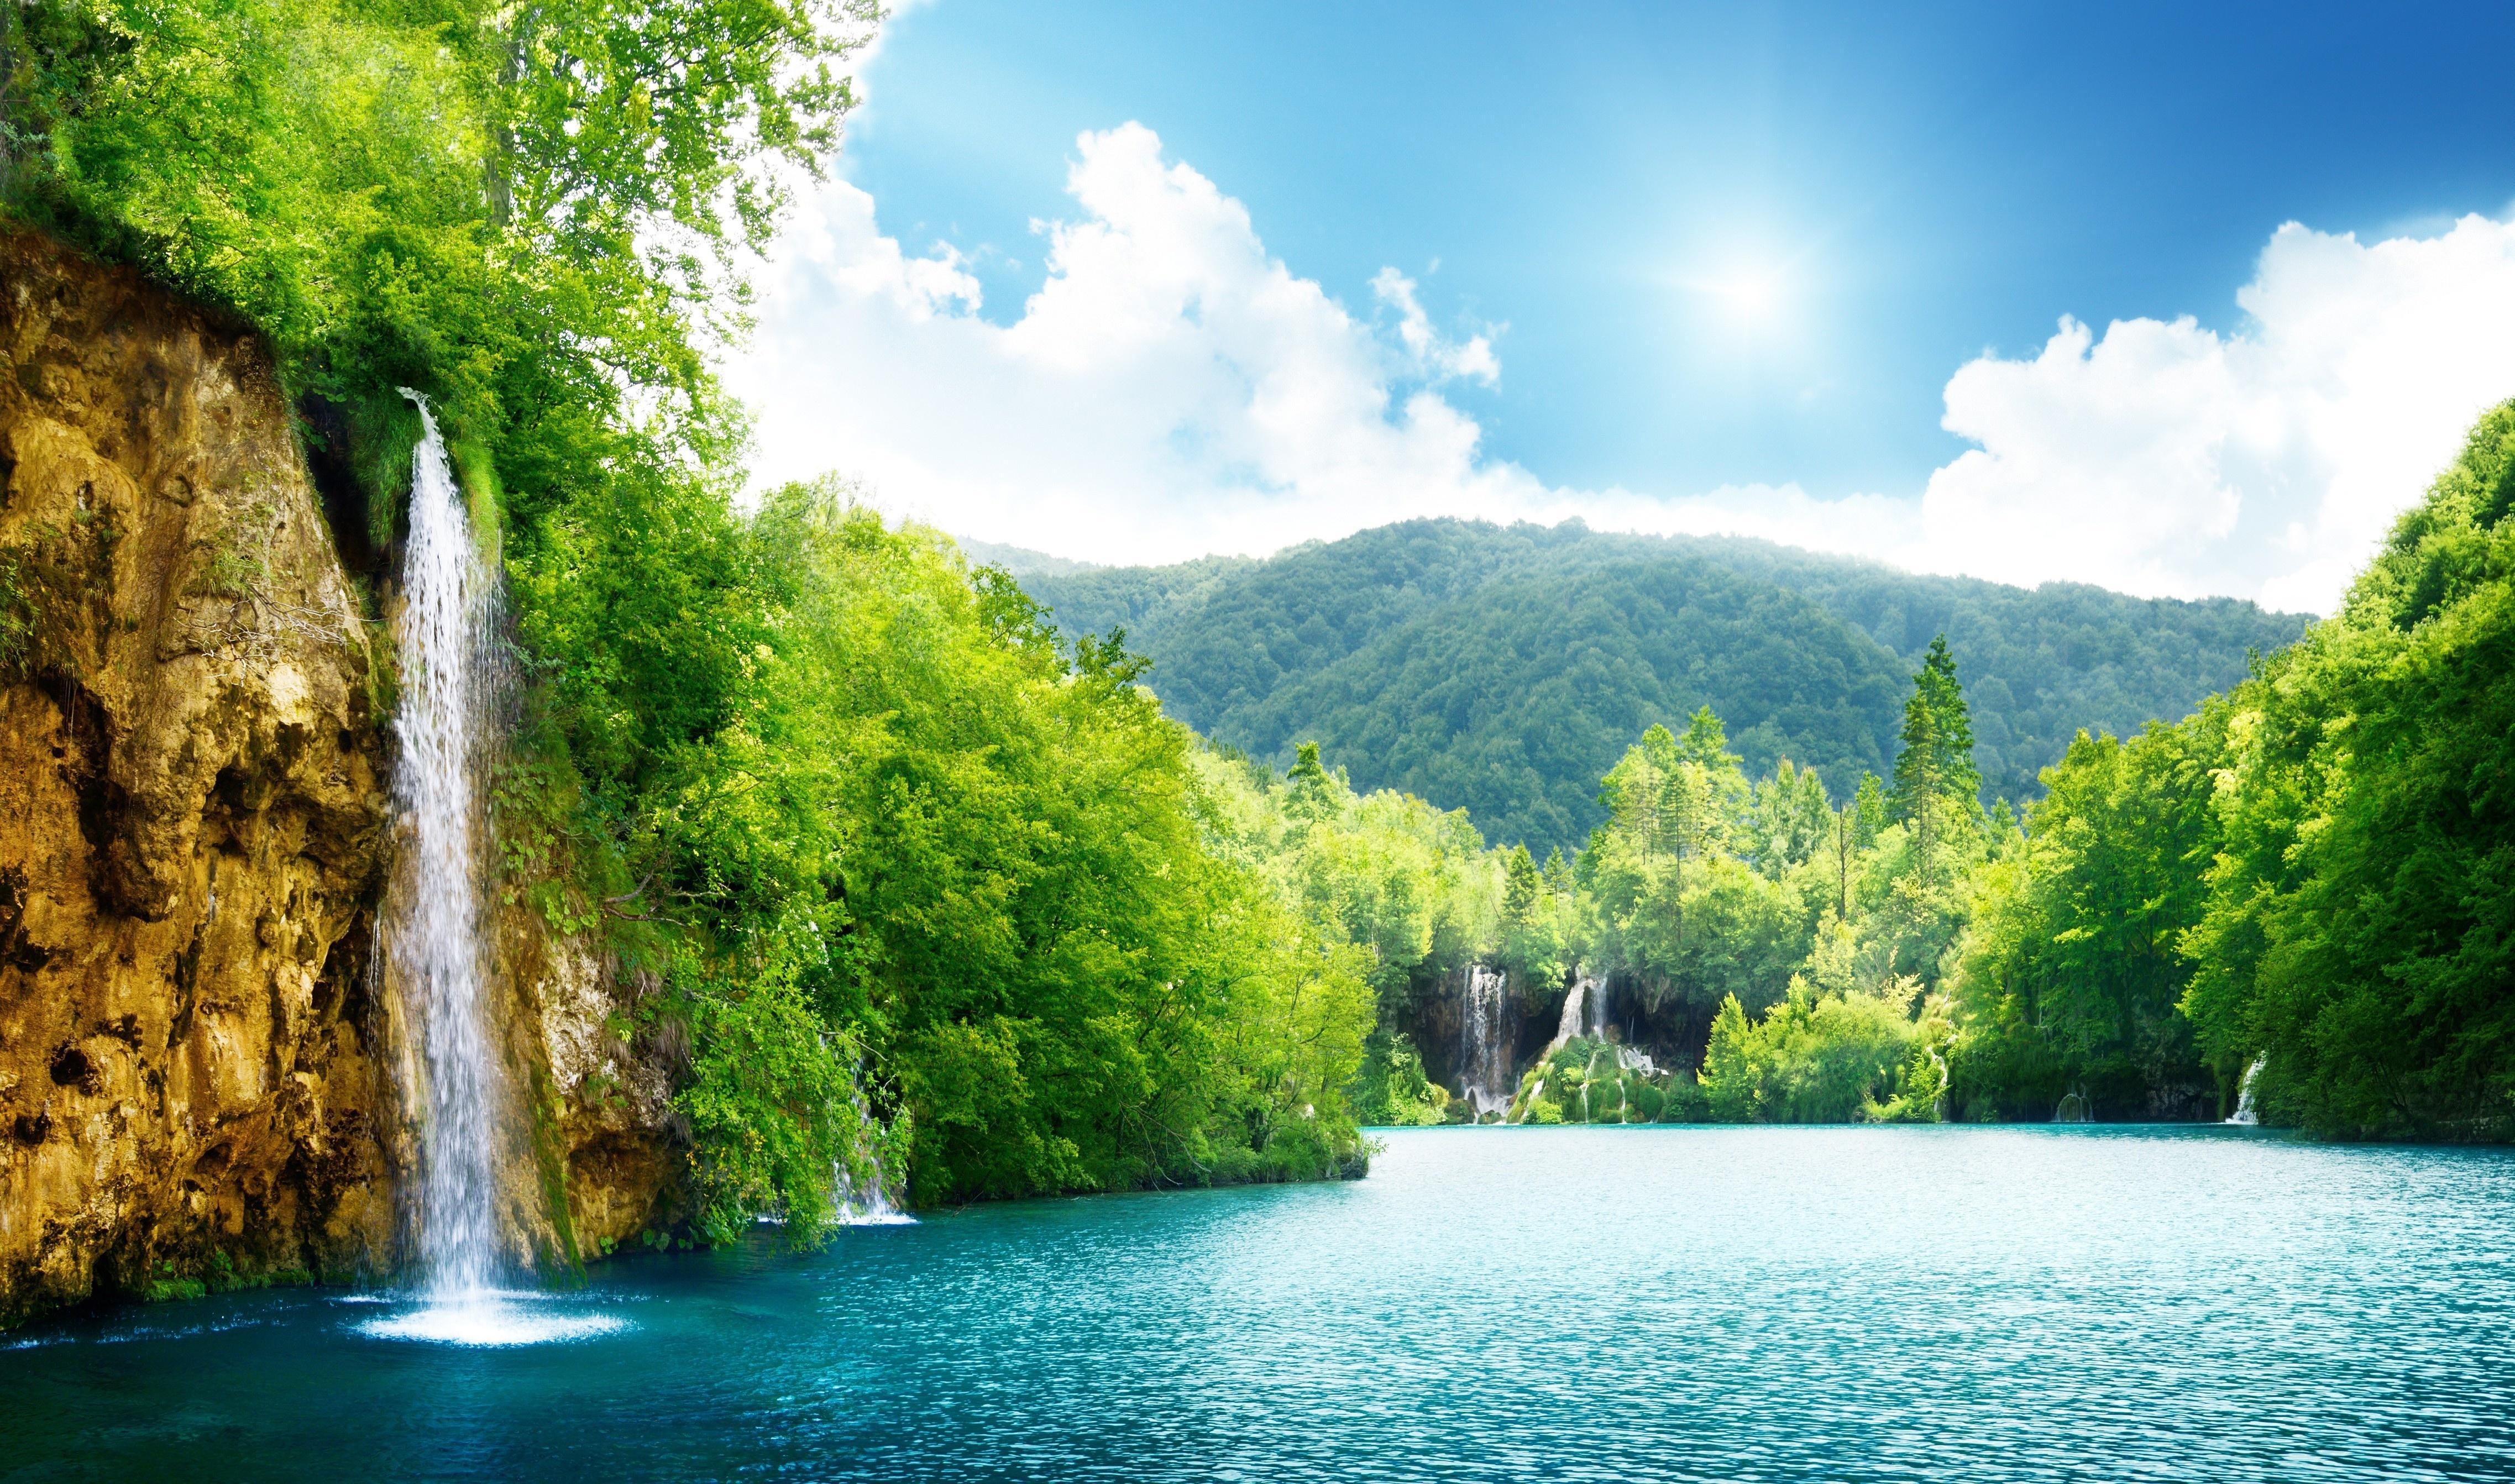 водопад горы  № 2560988 загрузить